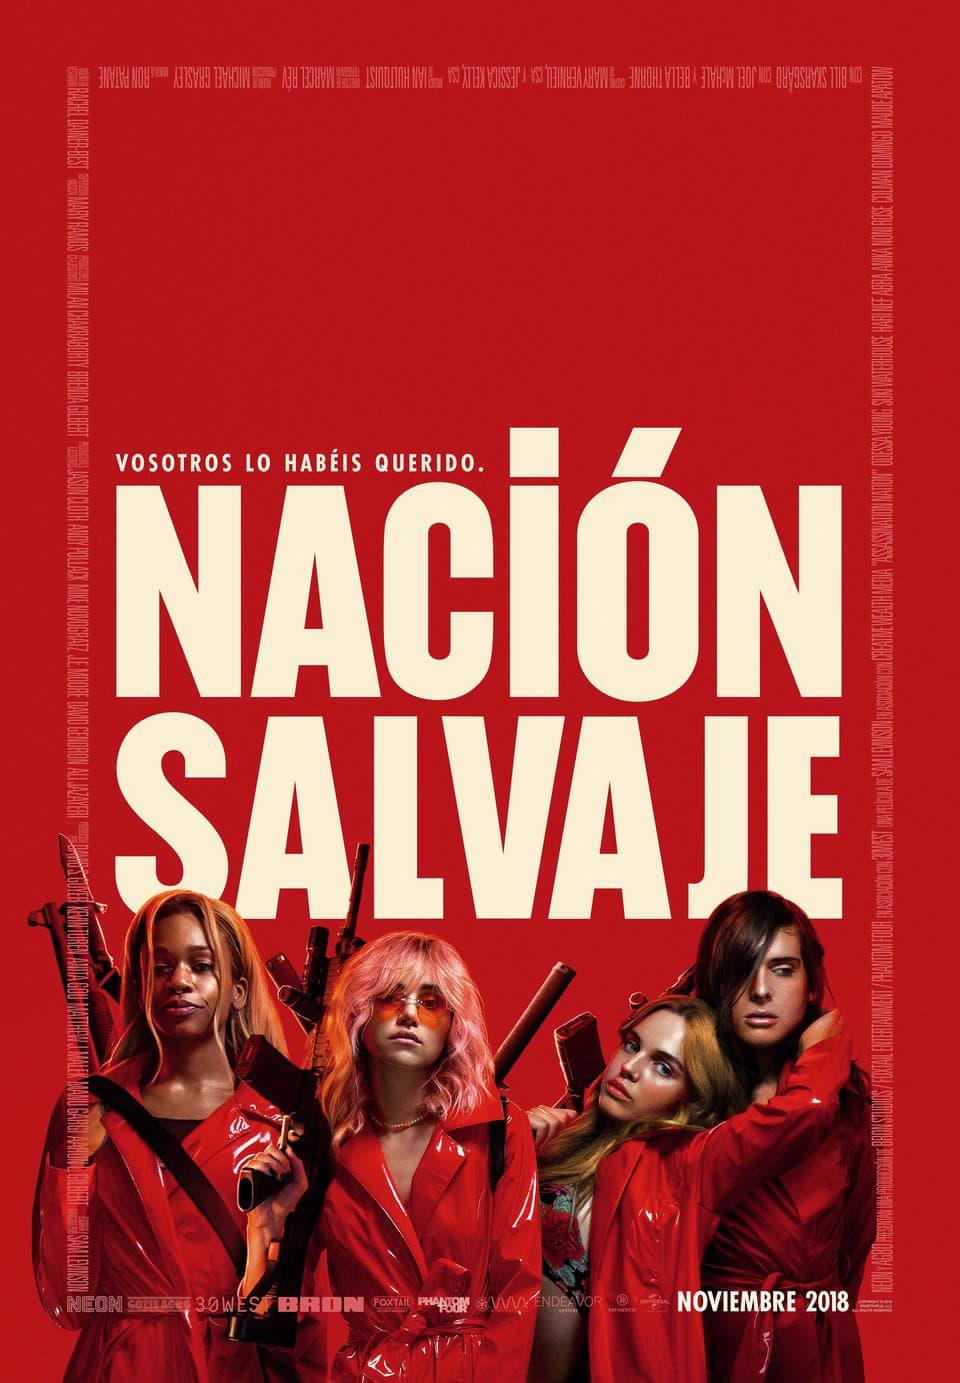 Imagen Nación salvaje